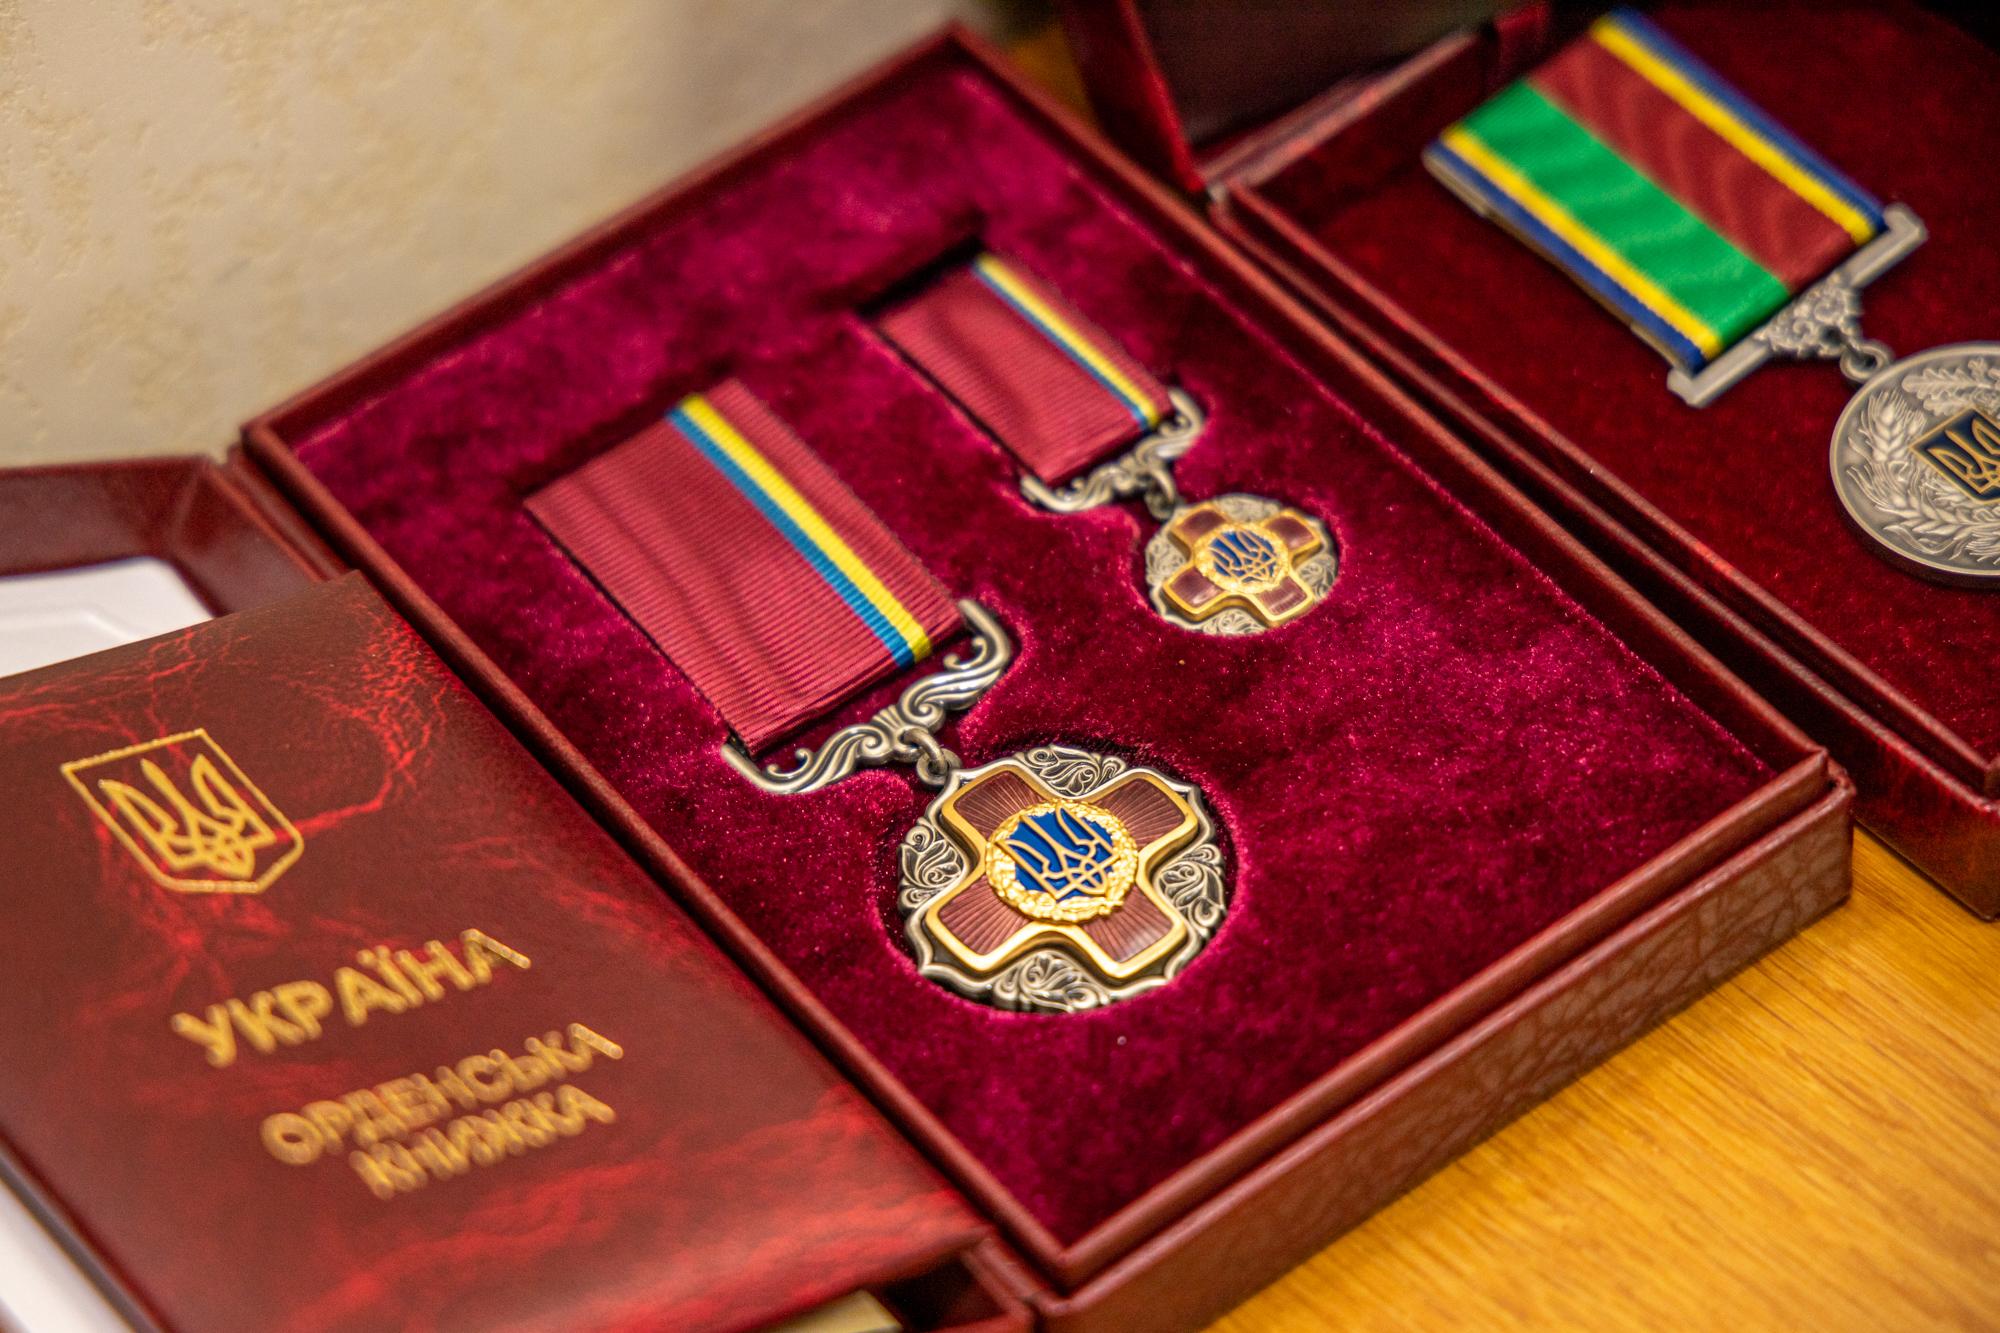 Ще трьом жителям області вручили державні ордени «За заслуги» ІІ та ІІІ ступенів